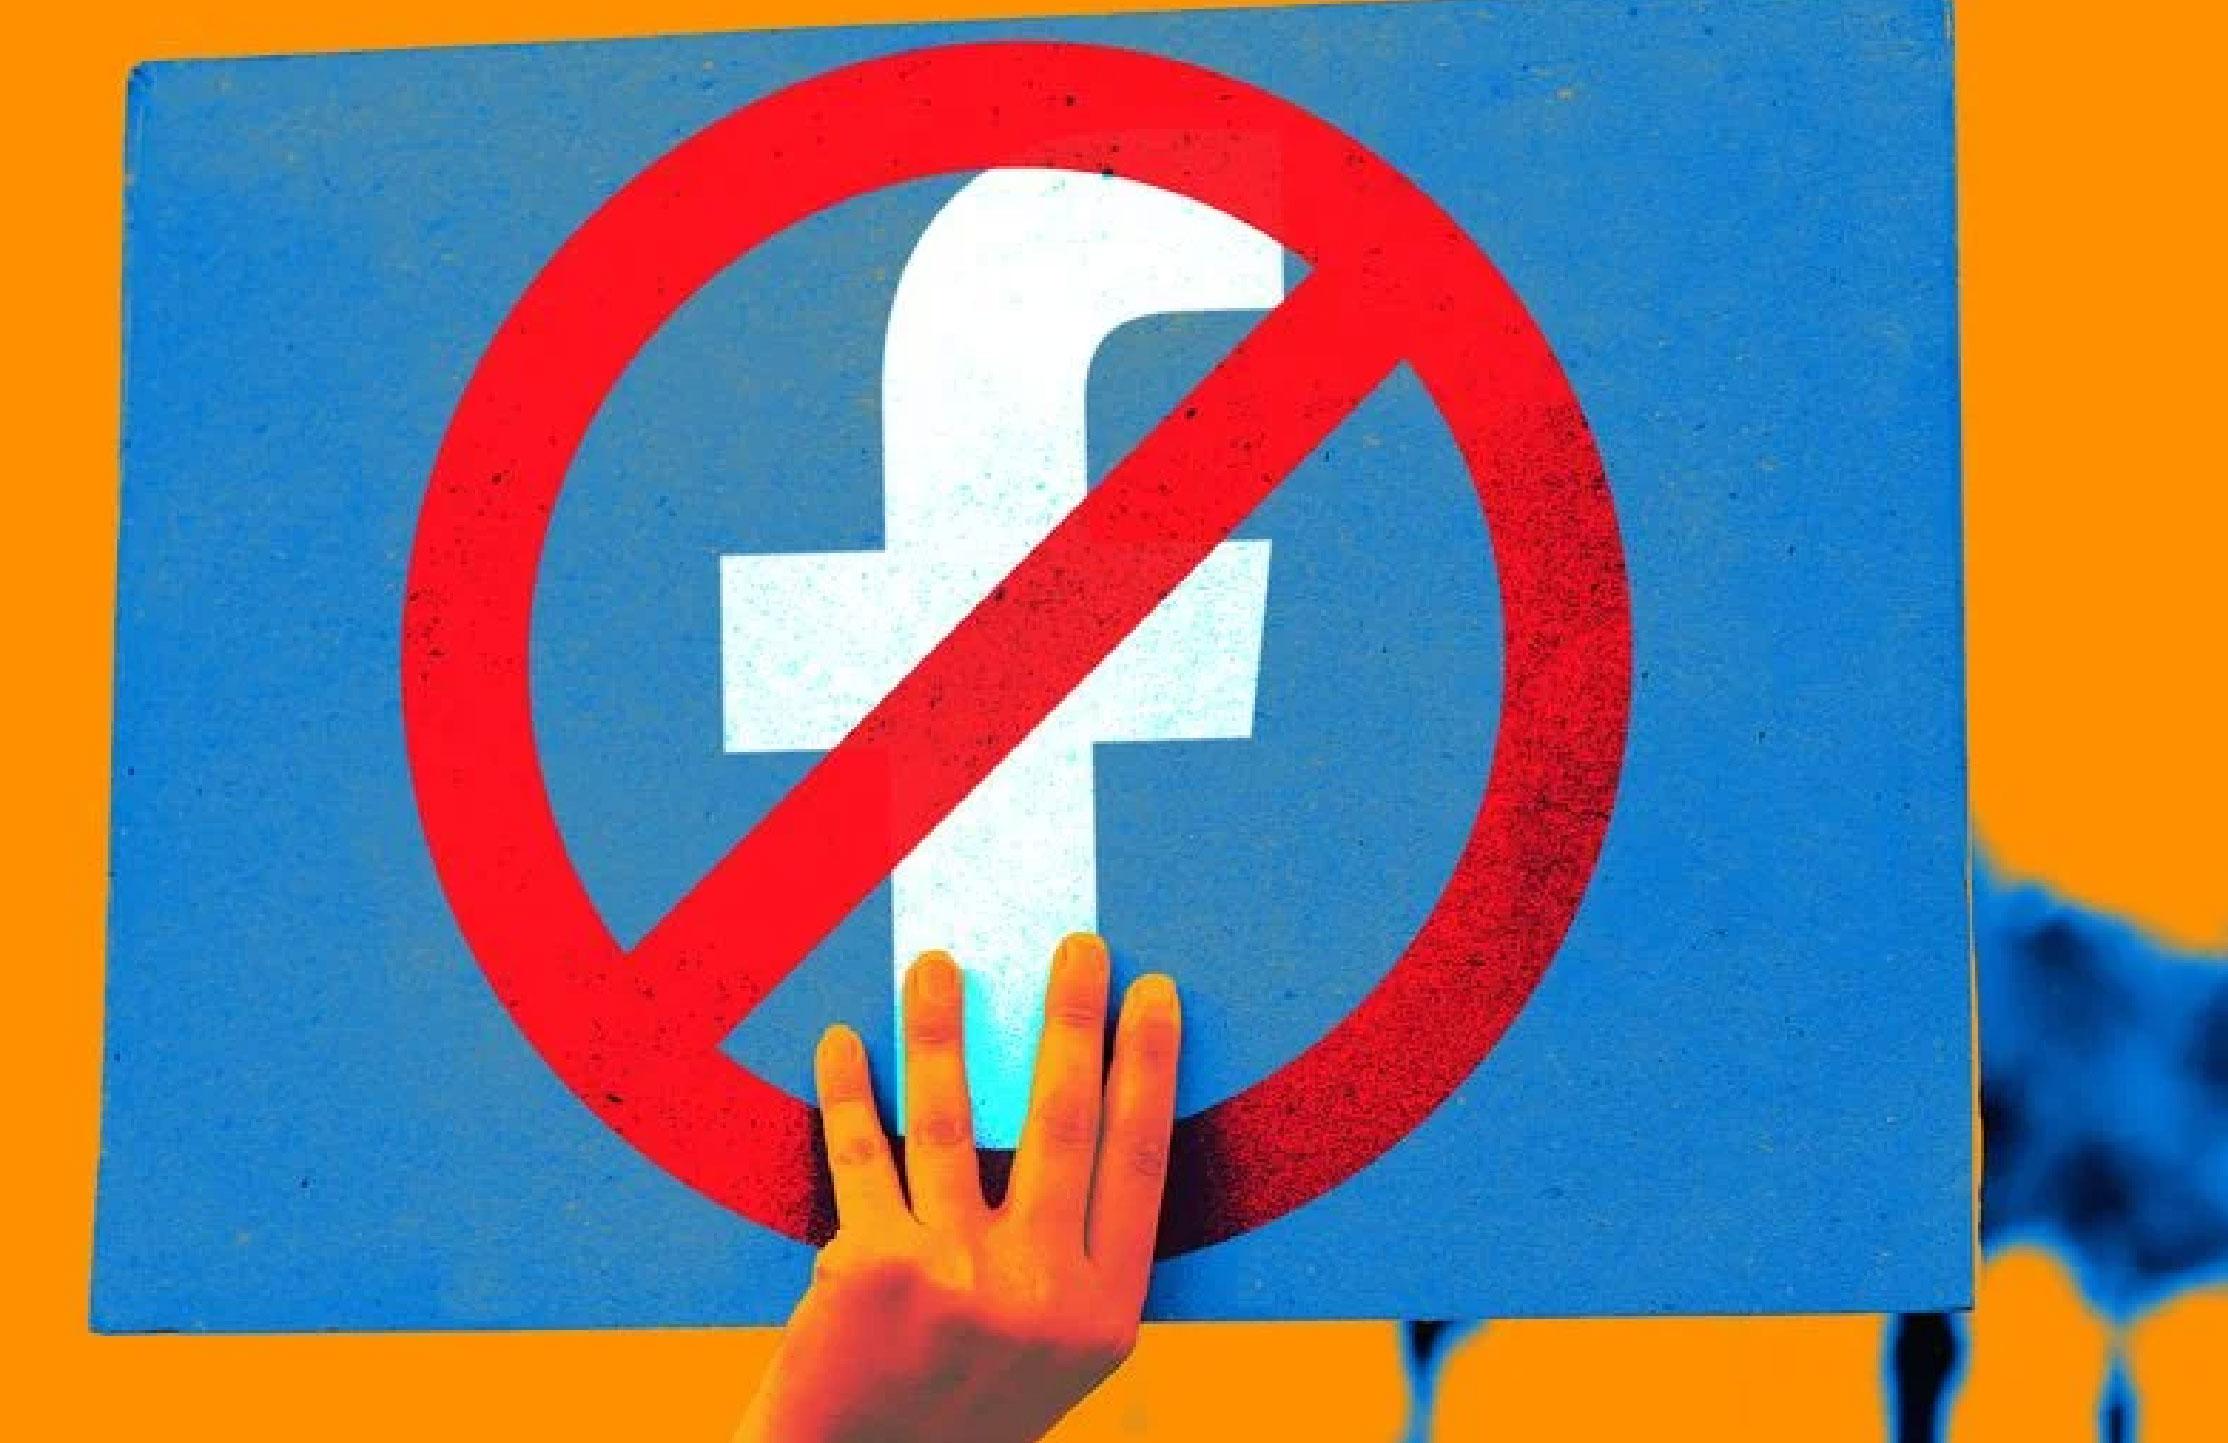 Cơn bão tẩy chay quảng cáo Facebook